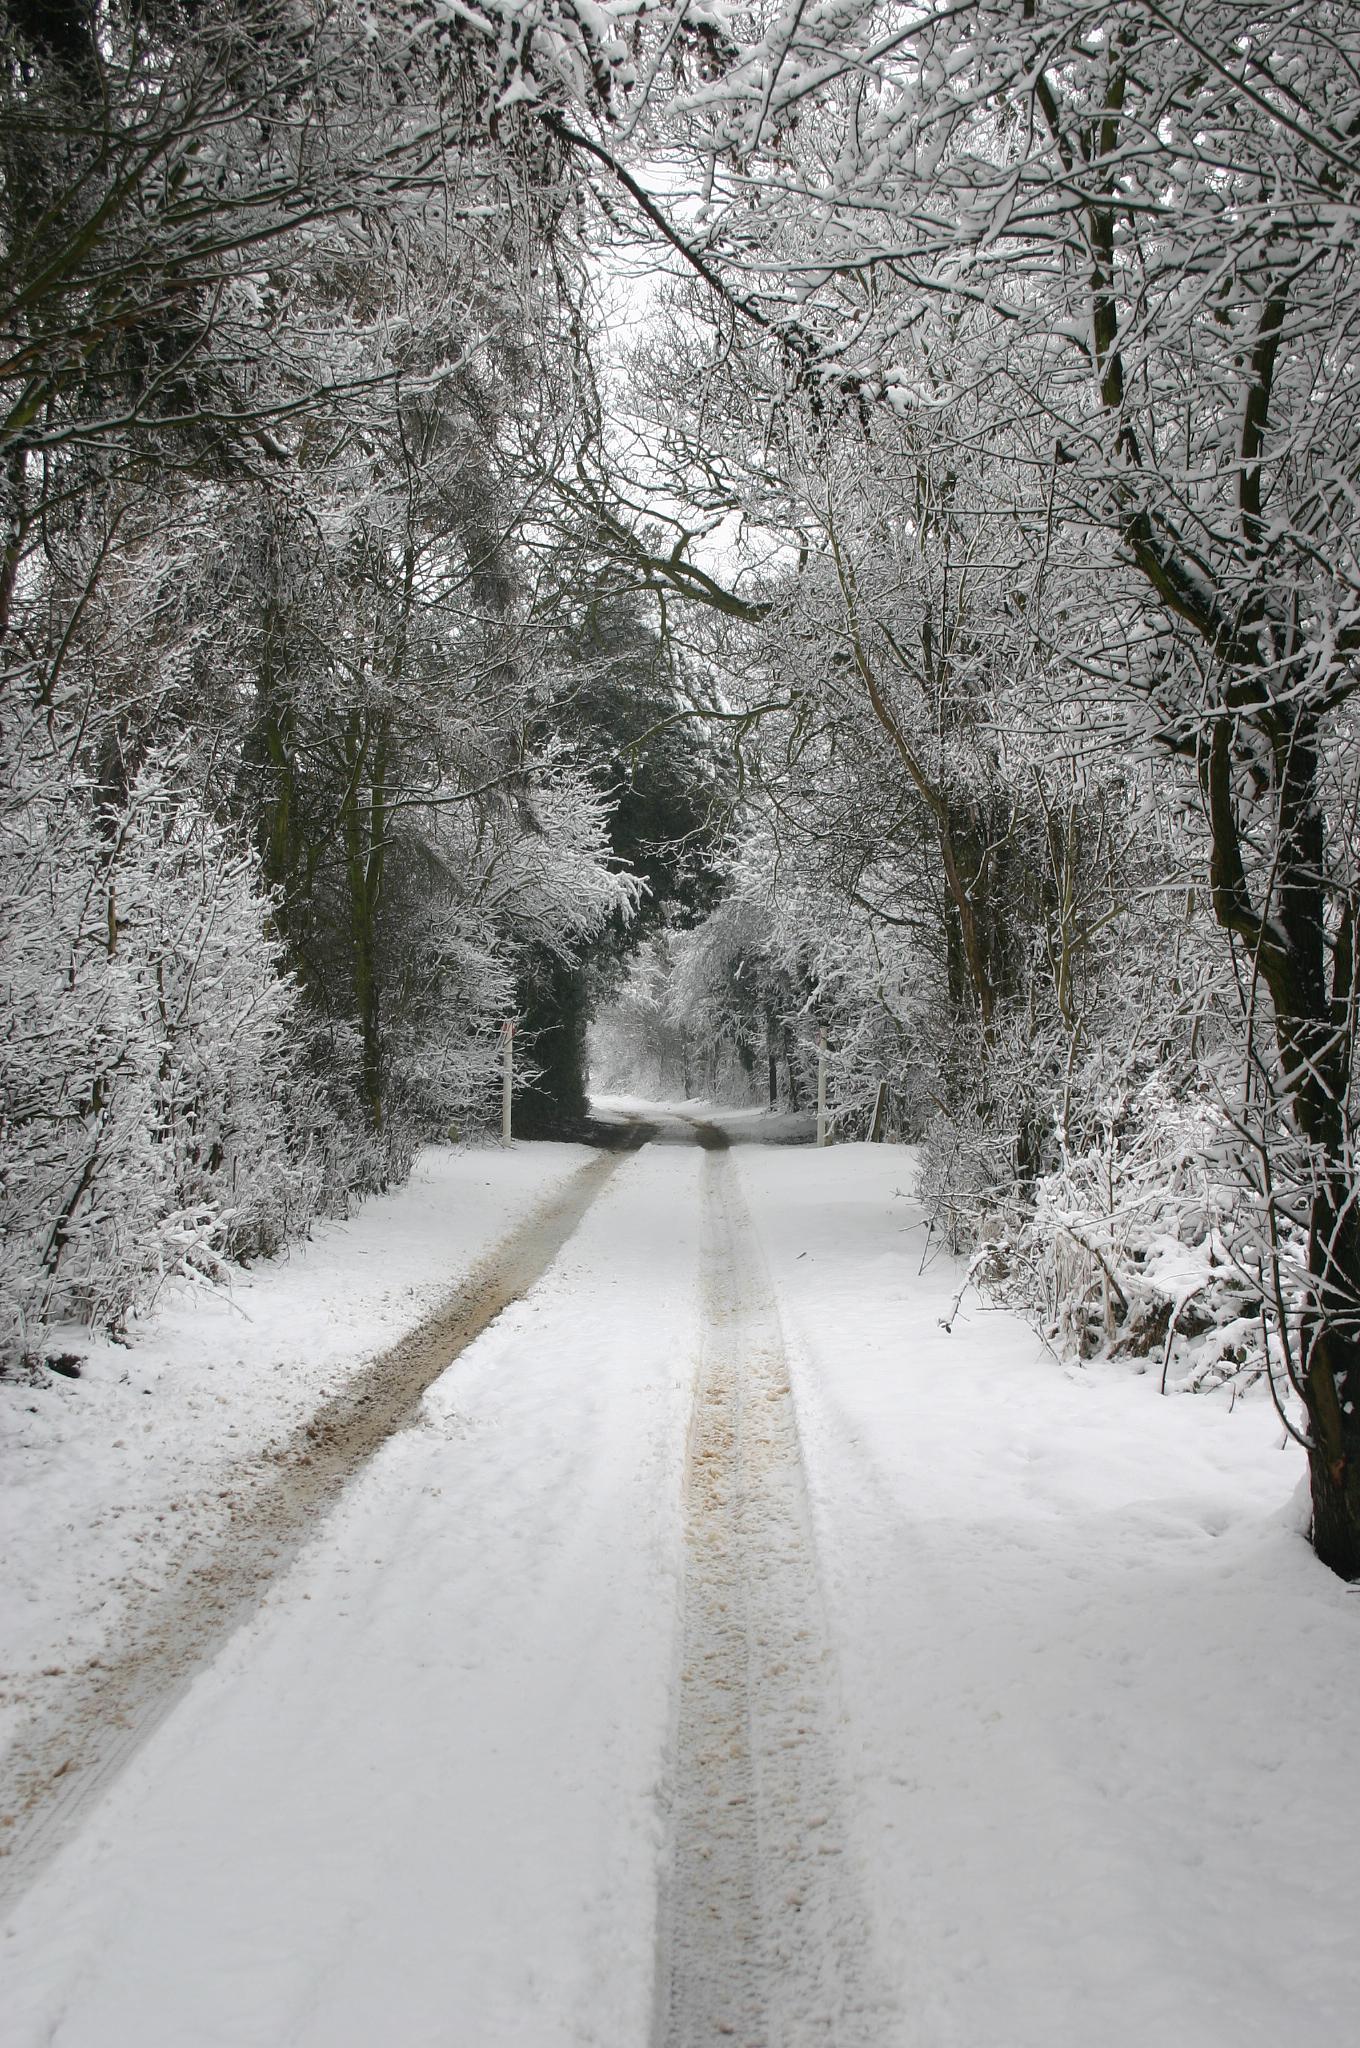 Snowy lane by ashley.cox.1806